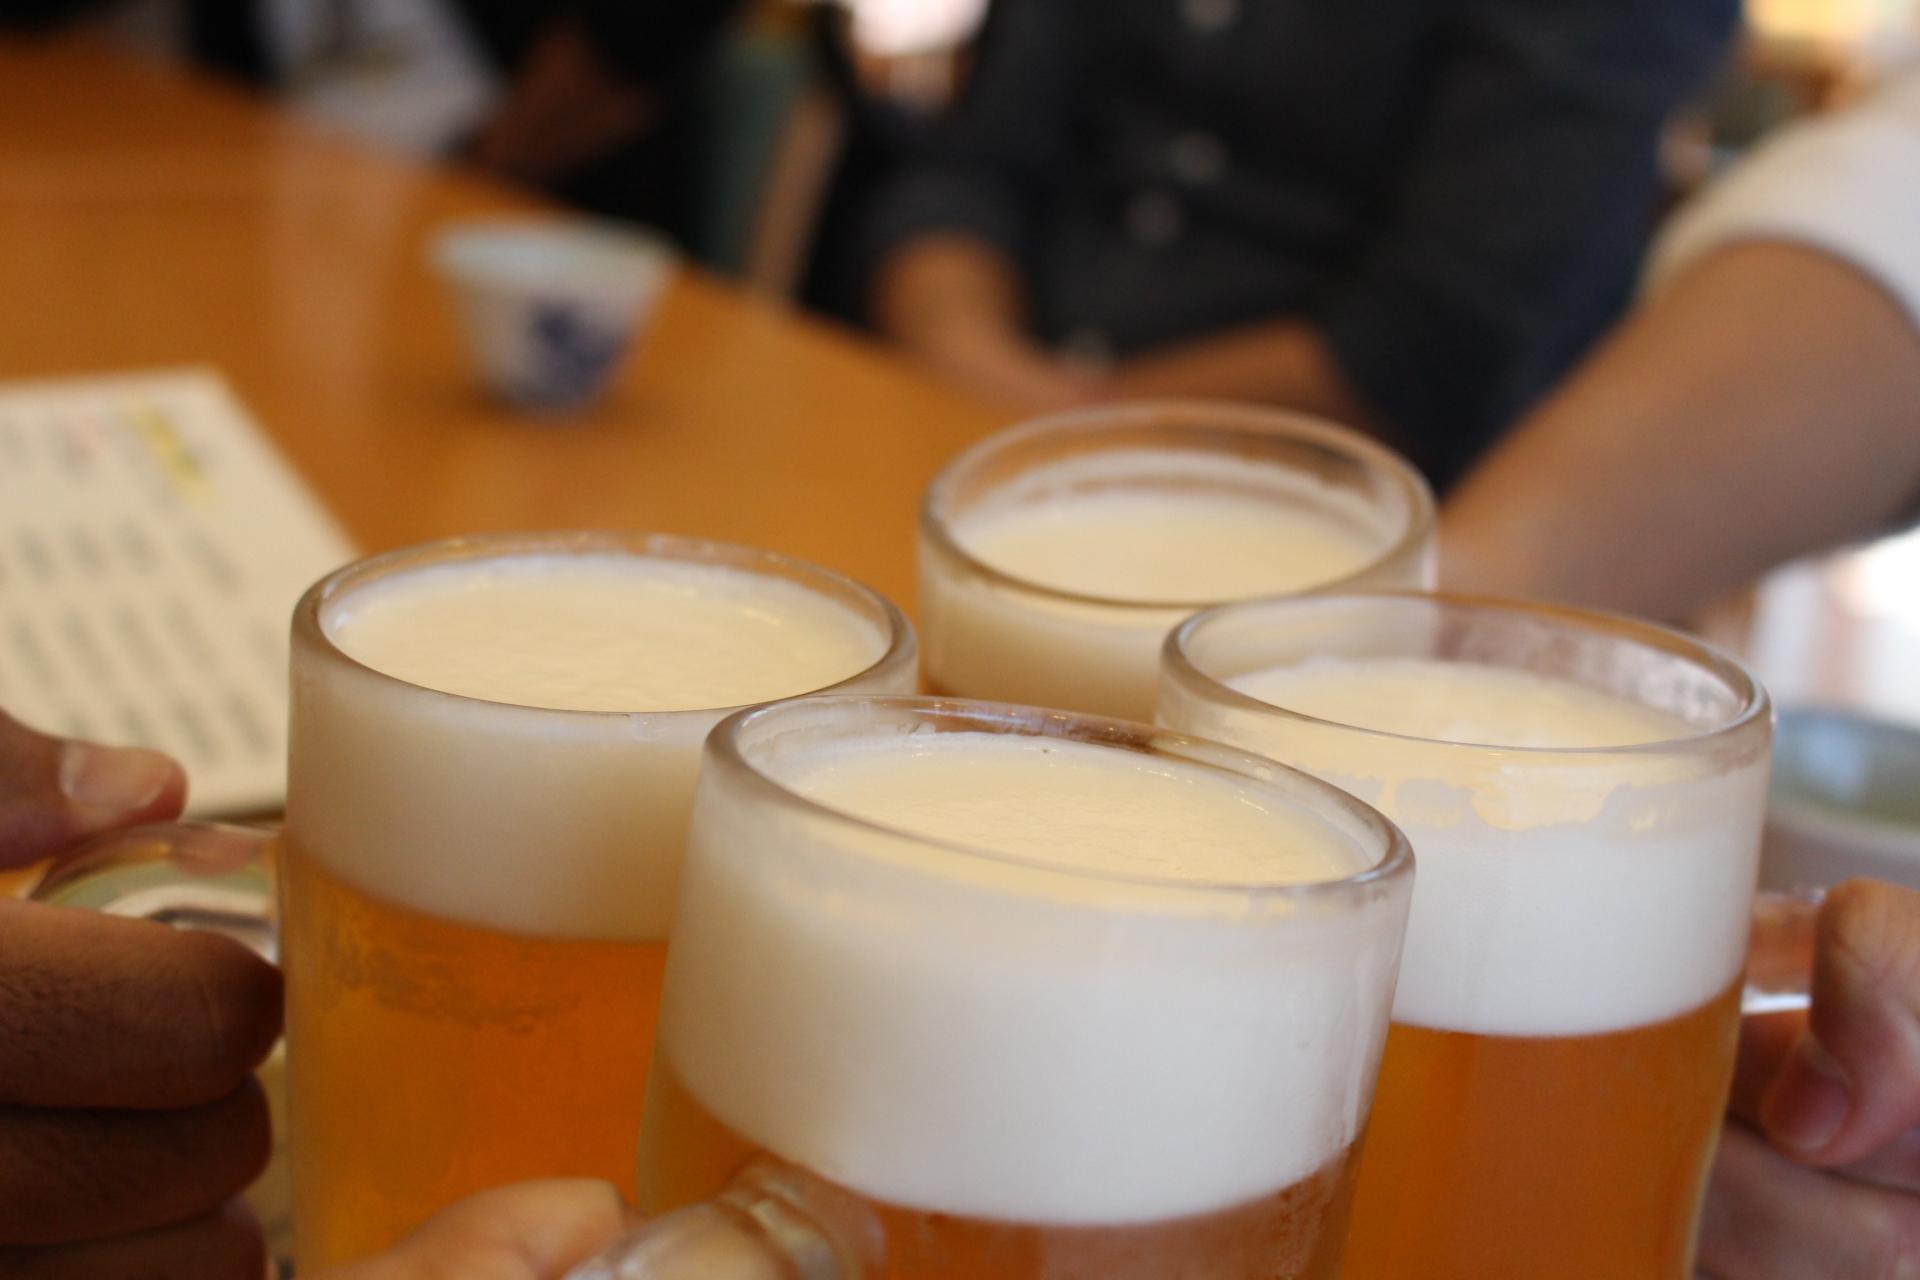 食べるM&A キリンビール クラフトビール市場に異変あり